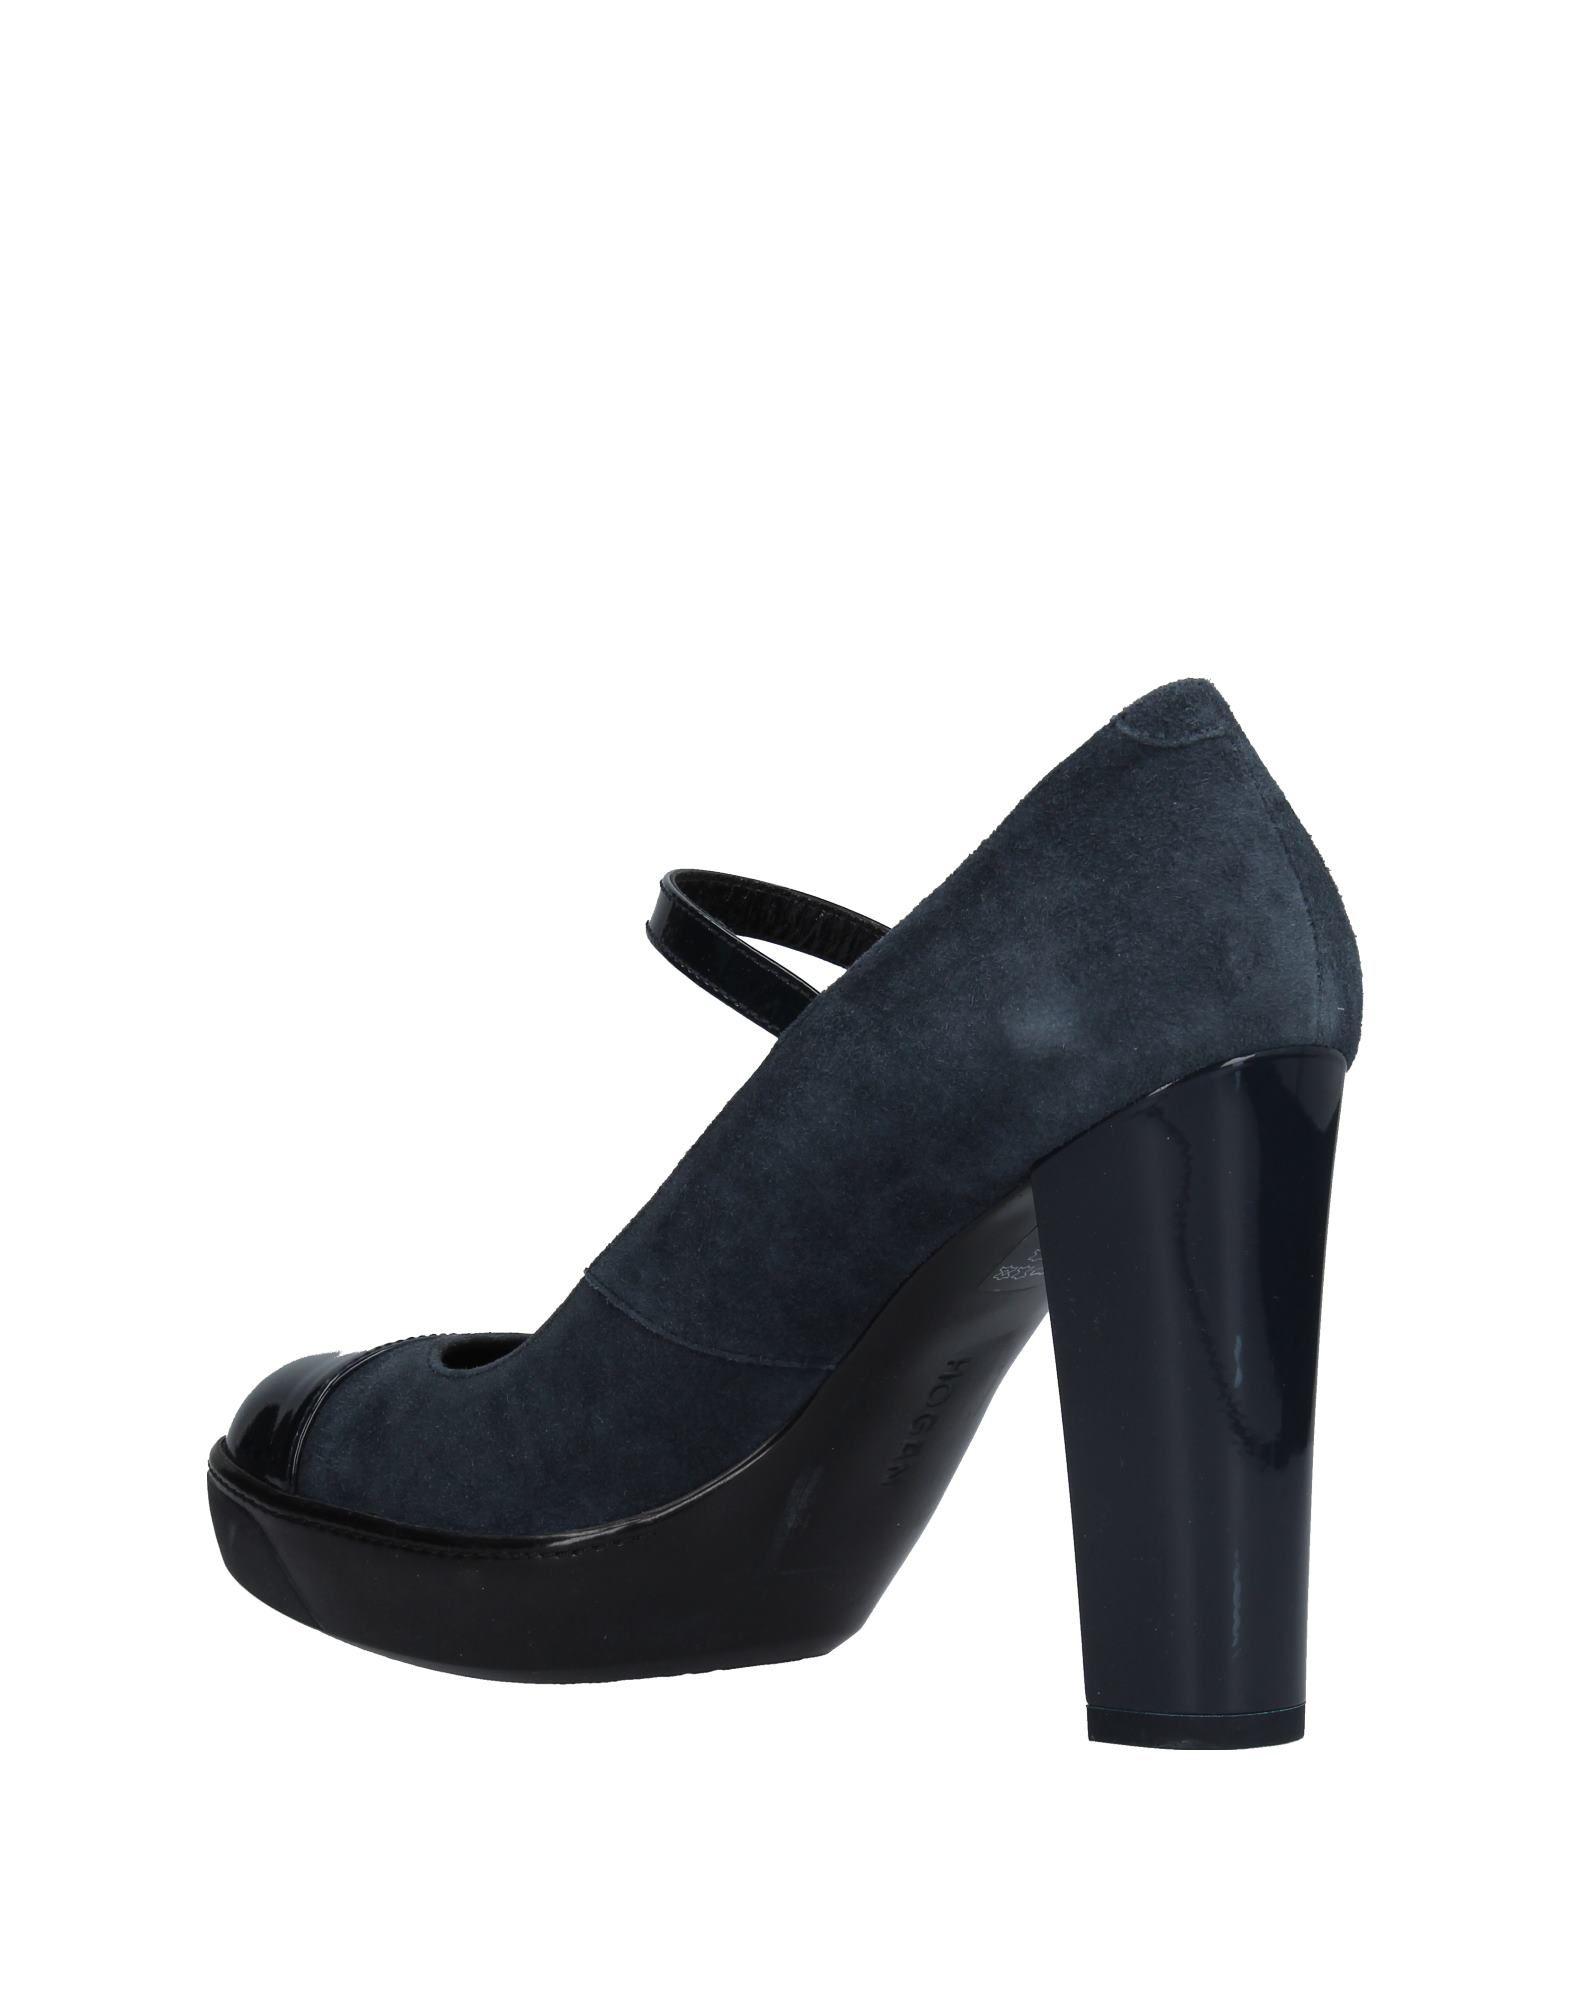 Stilvolle billige Schuhe Damen Hogan Pumps Damen Schuhe  11213008IL 3d6813